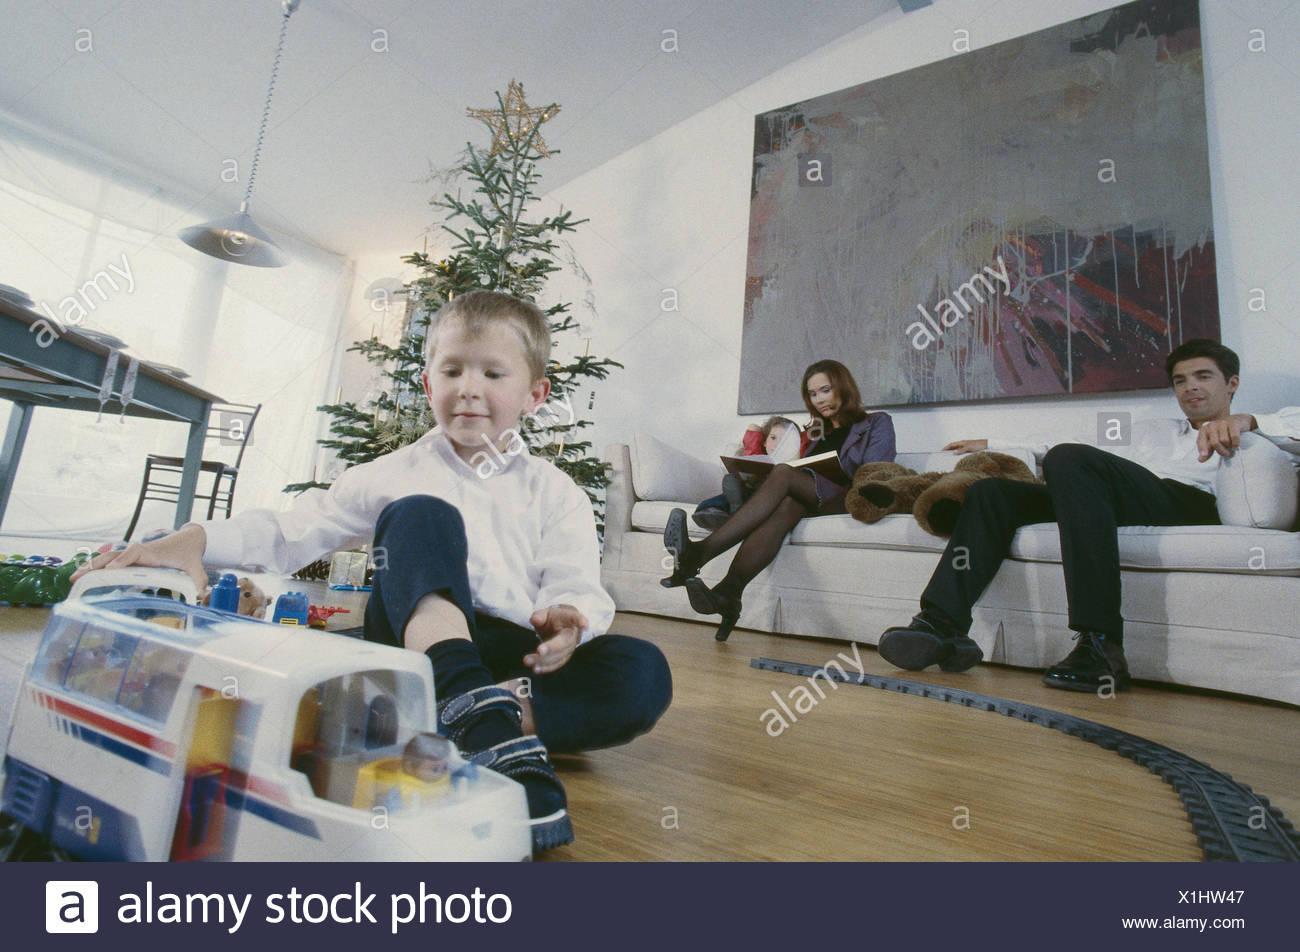 Weihnachten, Familie, Vertrieb präsentiert, glücklich, Menschen ...